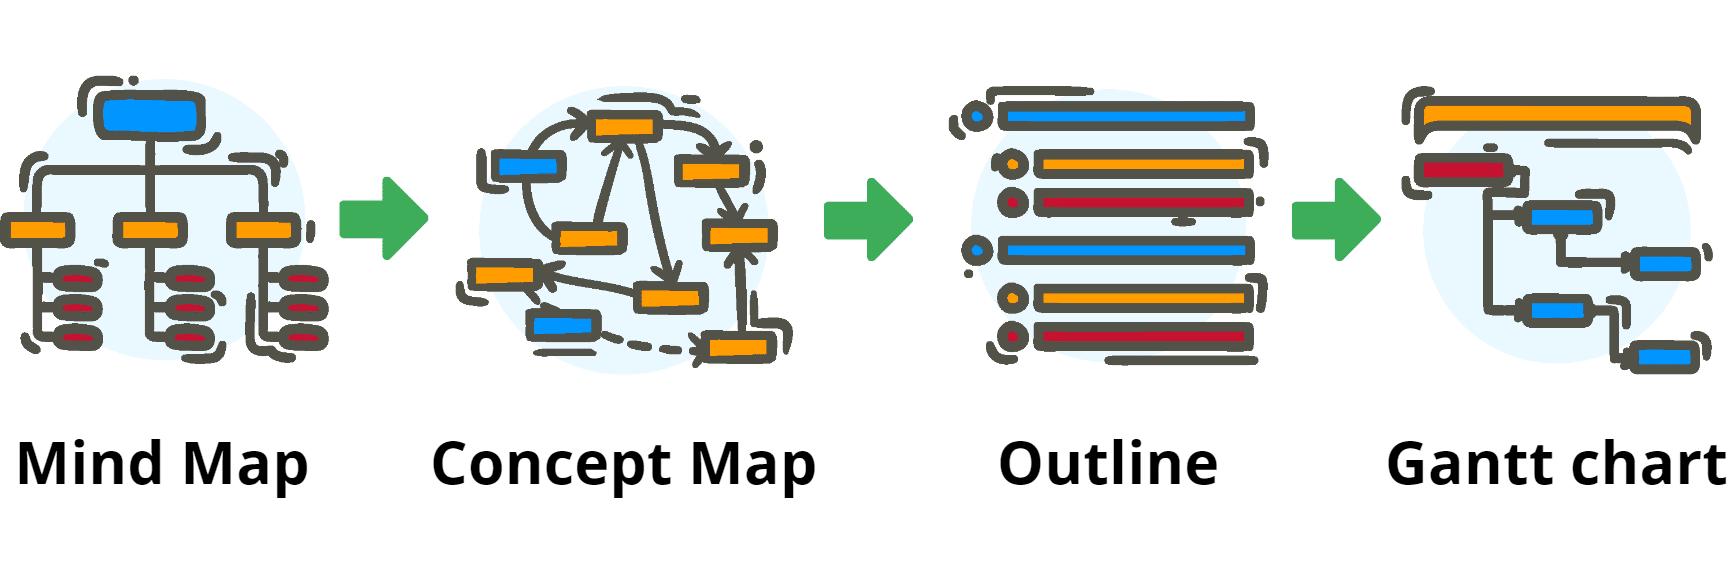 mind map website